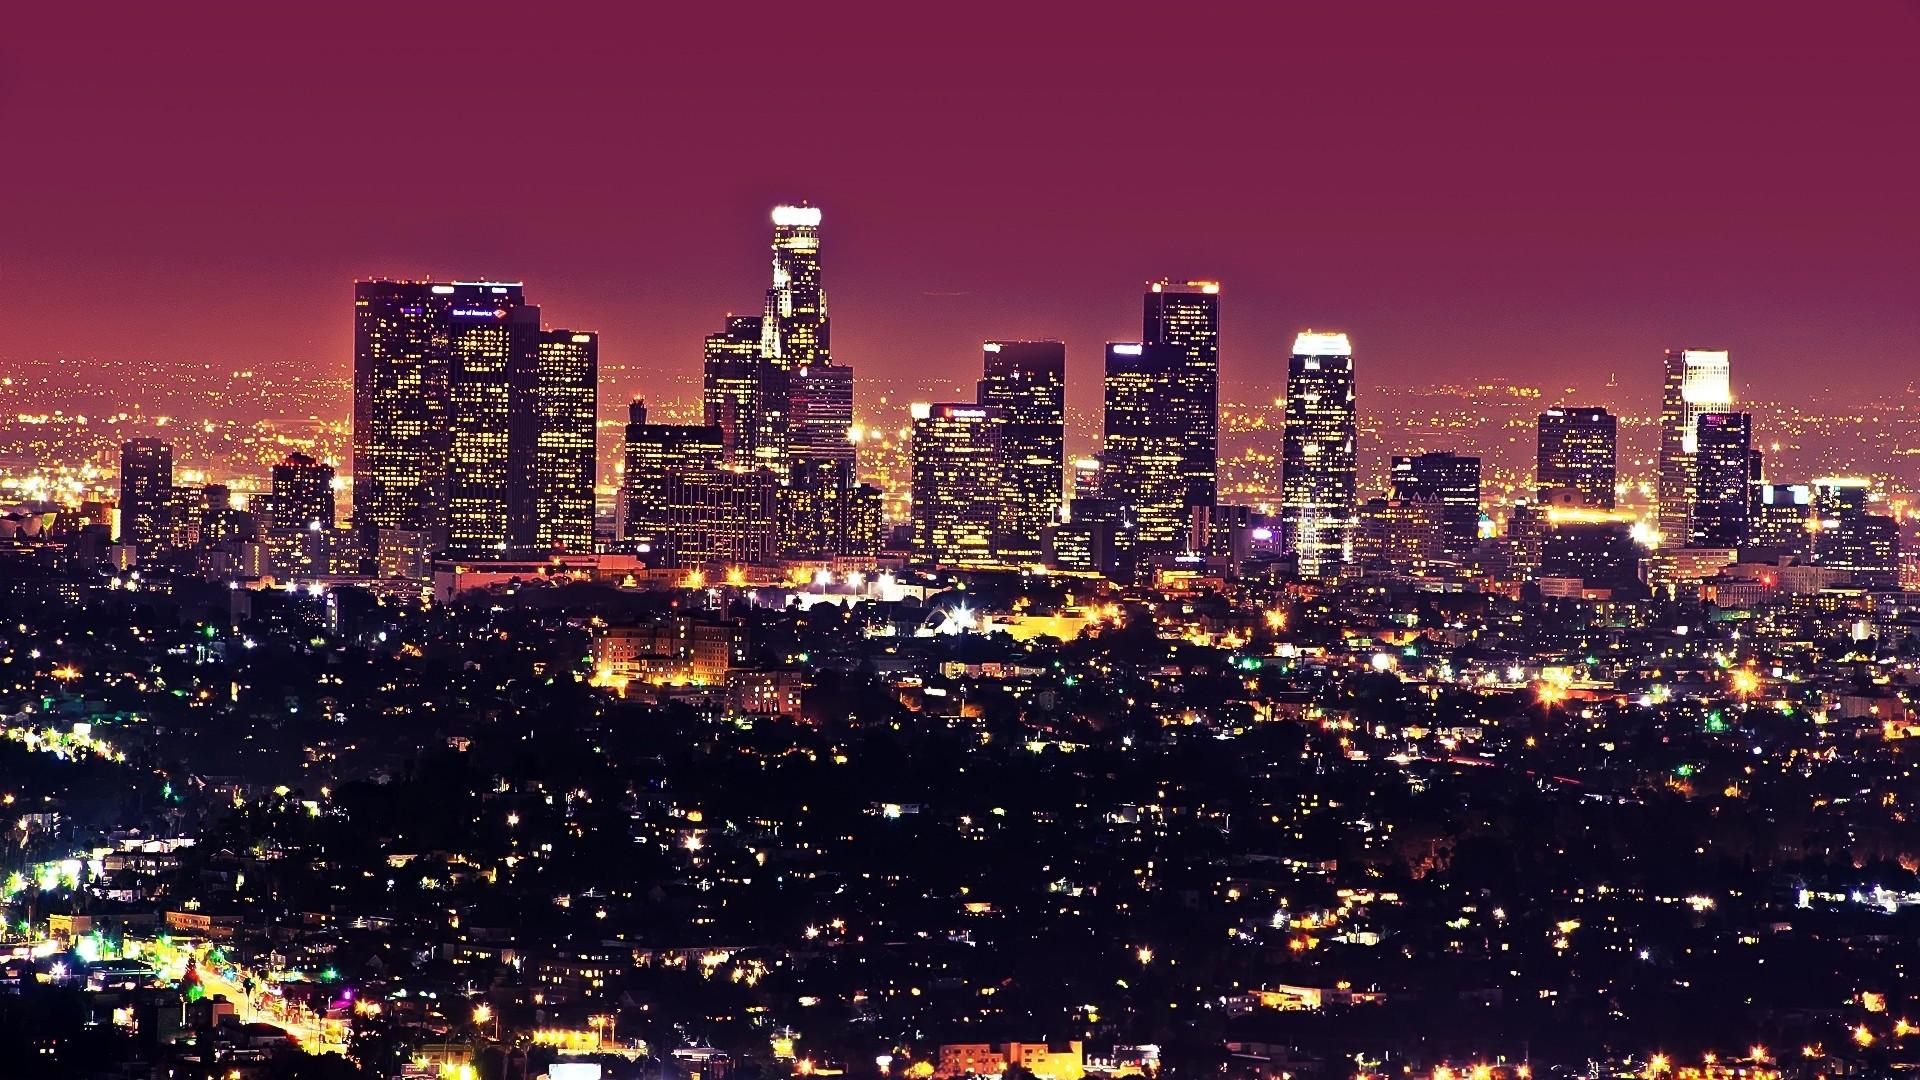 Los Angeles 4K Ultra Hd Wallpaper For Desktop